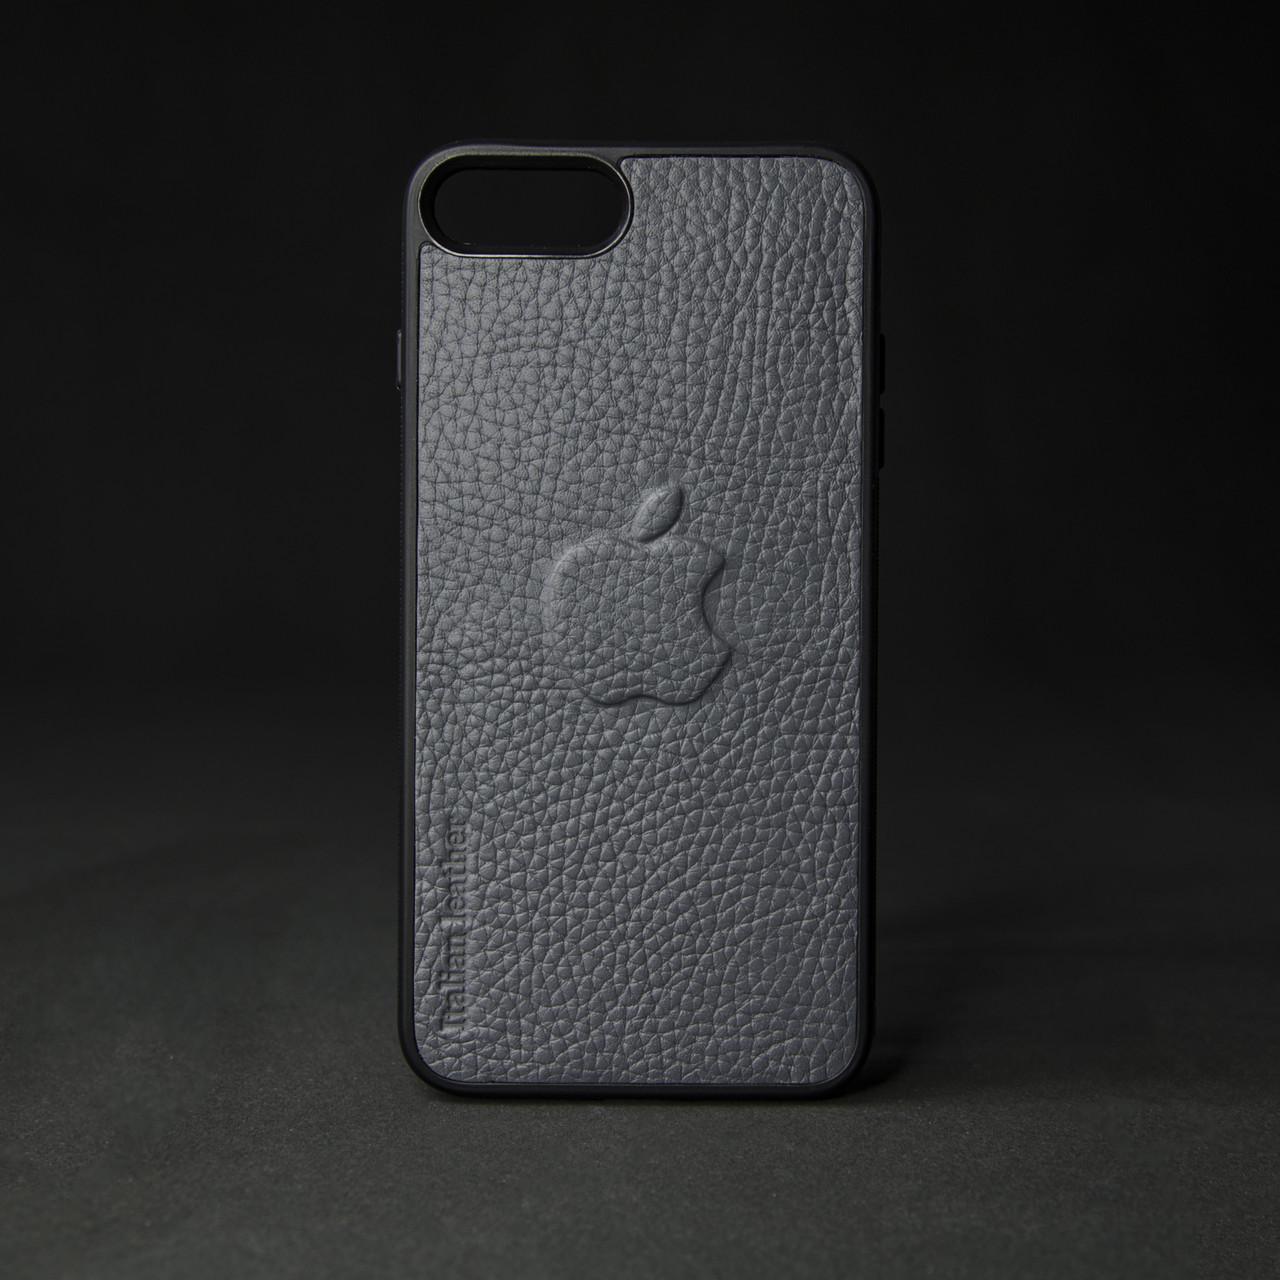 Кейс для IPhone, сірий з металевою вставкою для автотримача